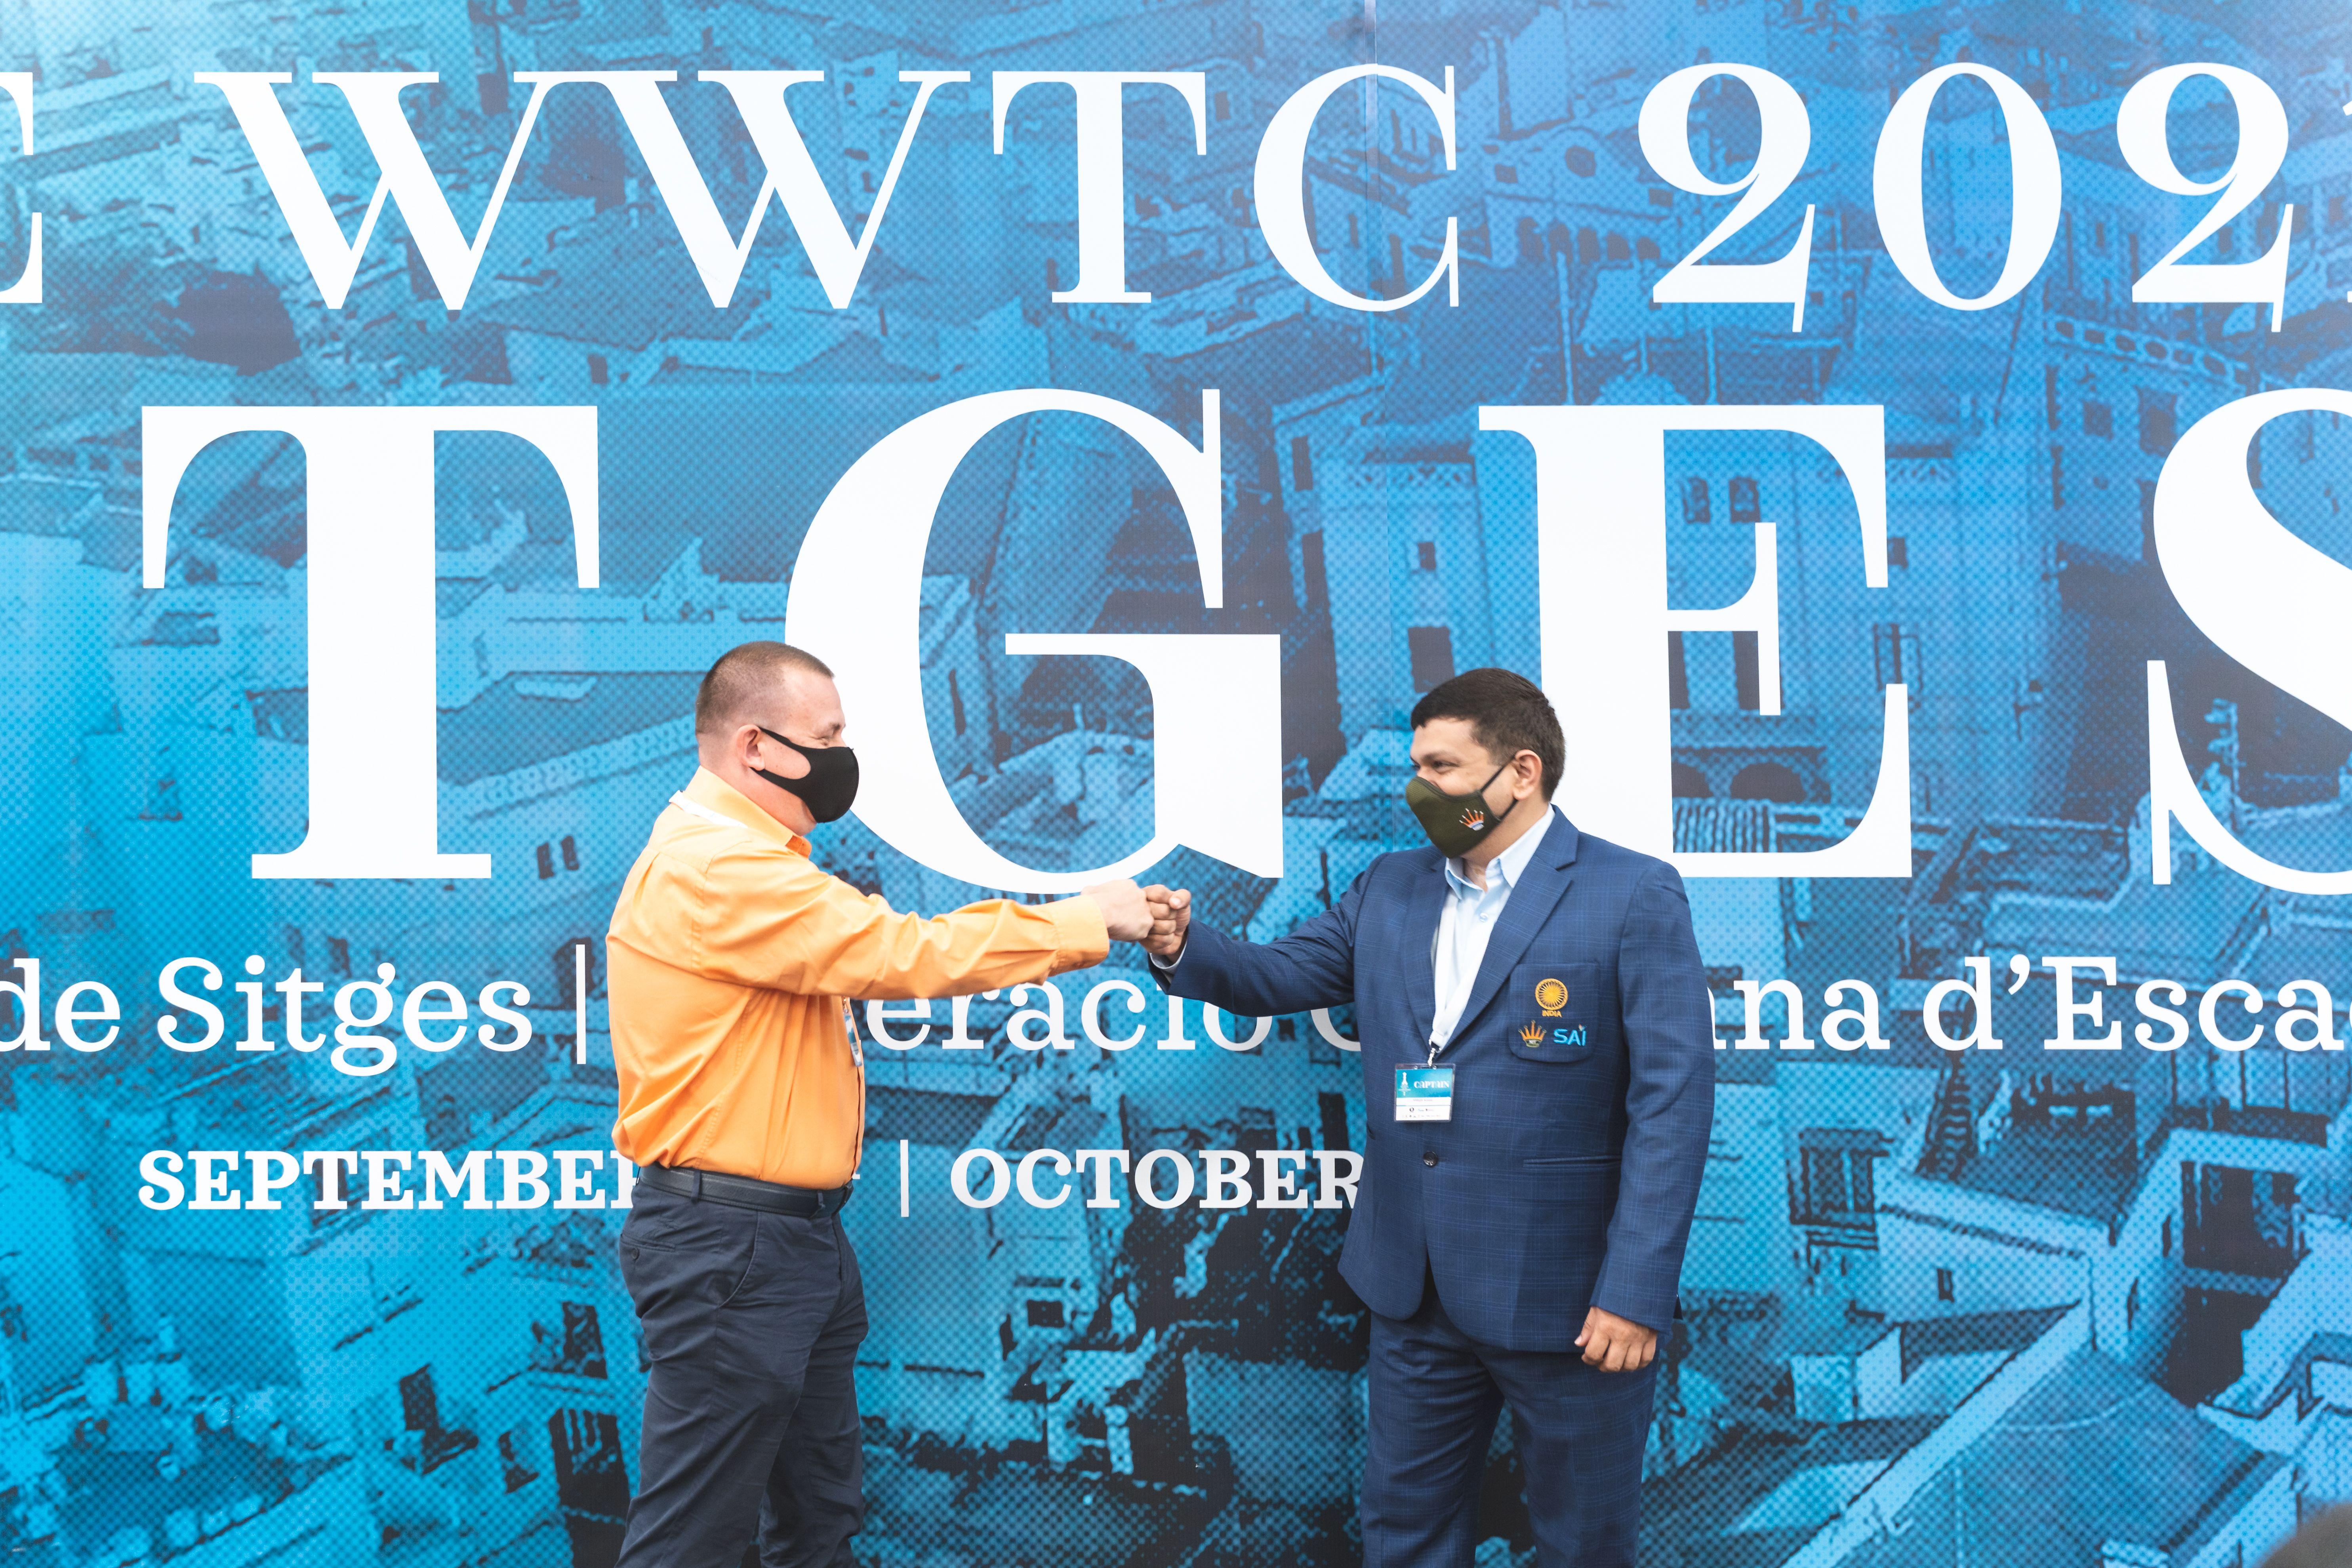 Капитаны сборной России и Индии гроссмейстер Сергей Рублевский и гроссмейстер Абхиджит Кунде на командном чемпионате мира среди женщин